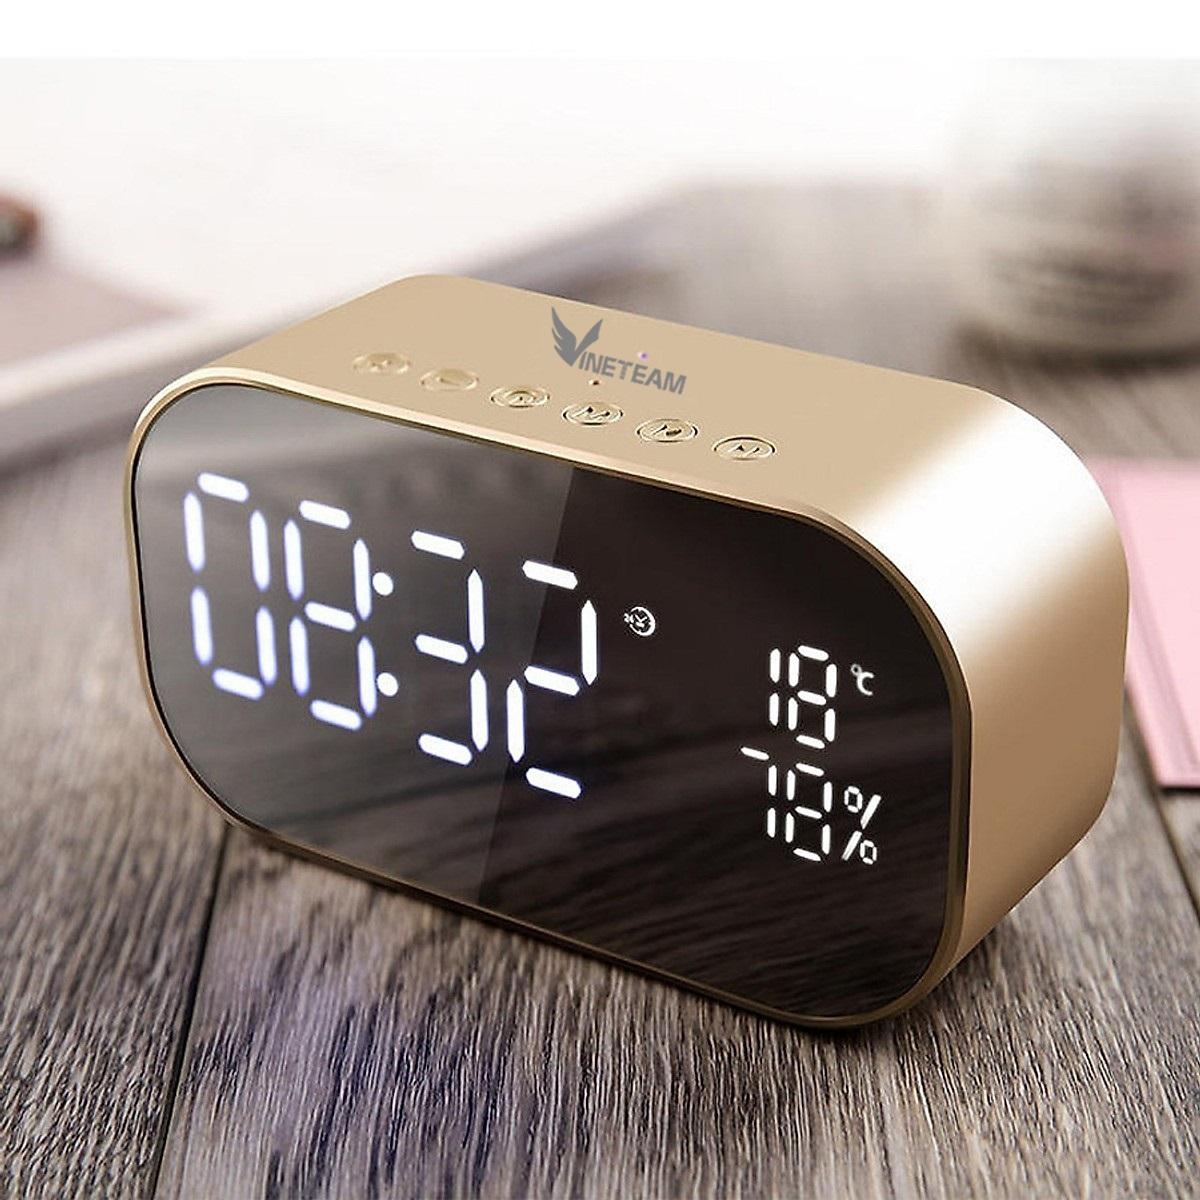 Loa Bluetooth tích hợp đồng hồ báo thức, đo nhiệt độ, gương soi VINETTEAM S2 chất lượng âm bass trầm vòm 6D cực chất, nhỏ gọncắm được thẻ nhớ - Hàng chính hãng